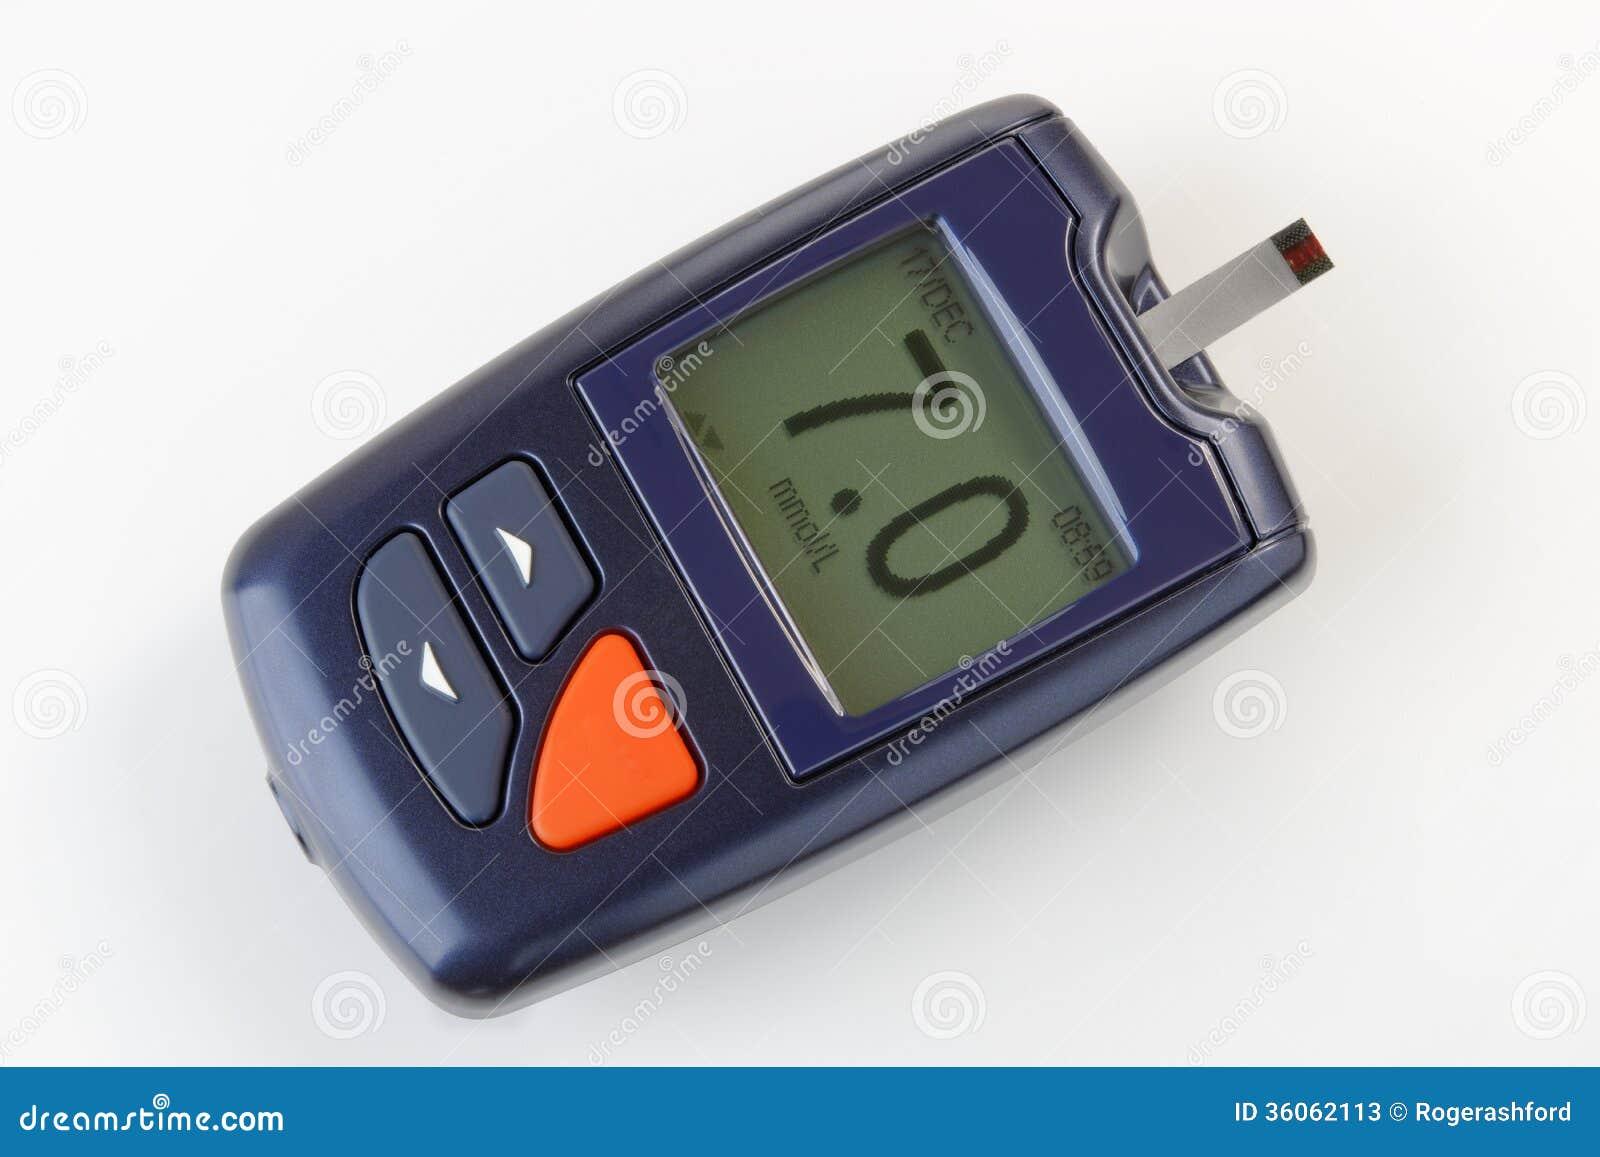 Содержание глюкозы в крови контролируя метр для диабета